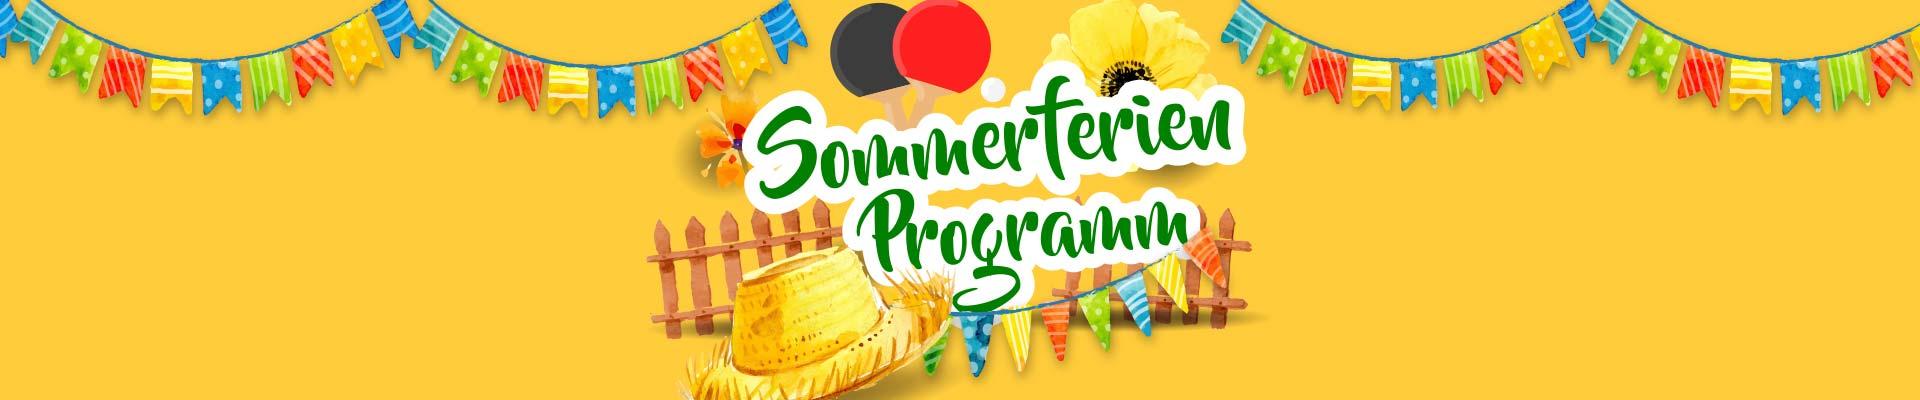 Tischtennis-Schnupperkurs beim Sommerferienprogramm 2018